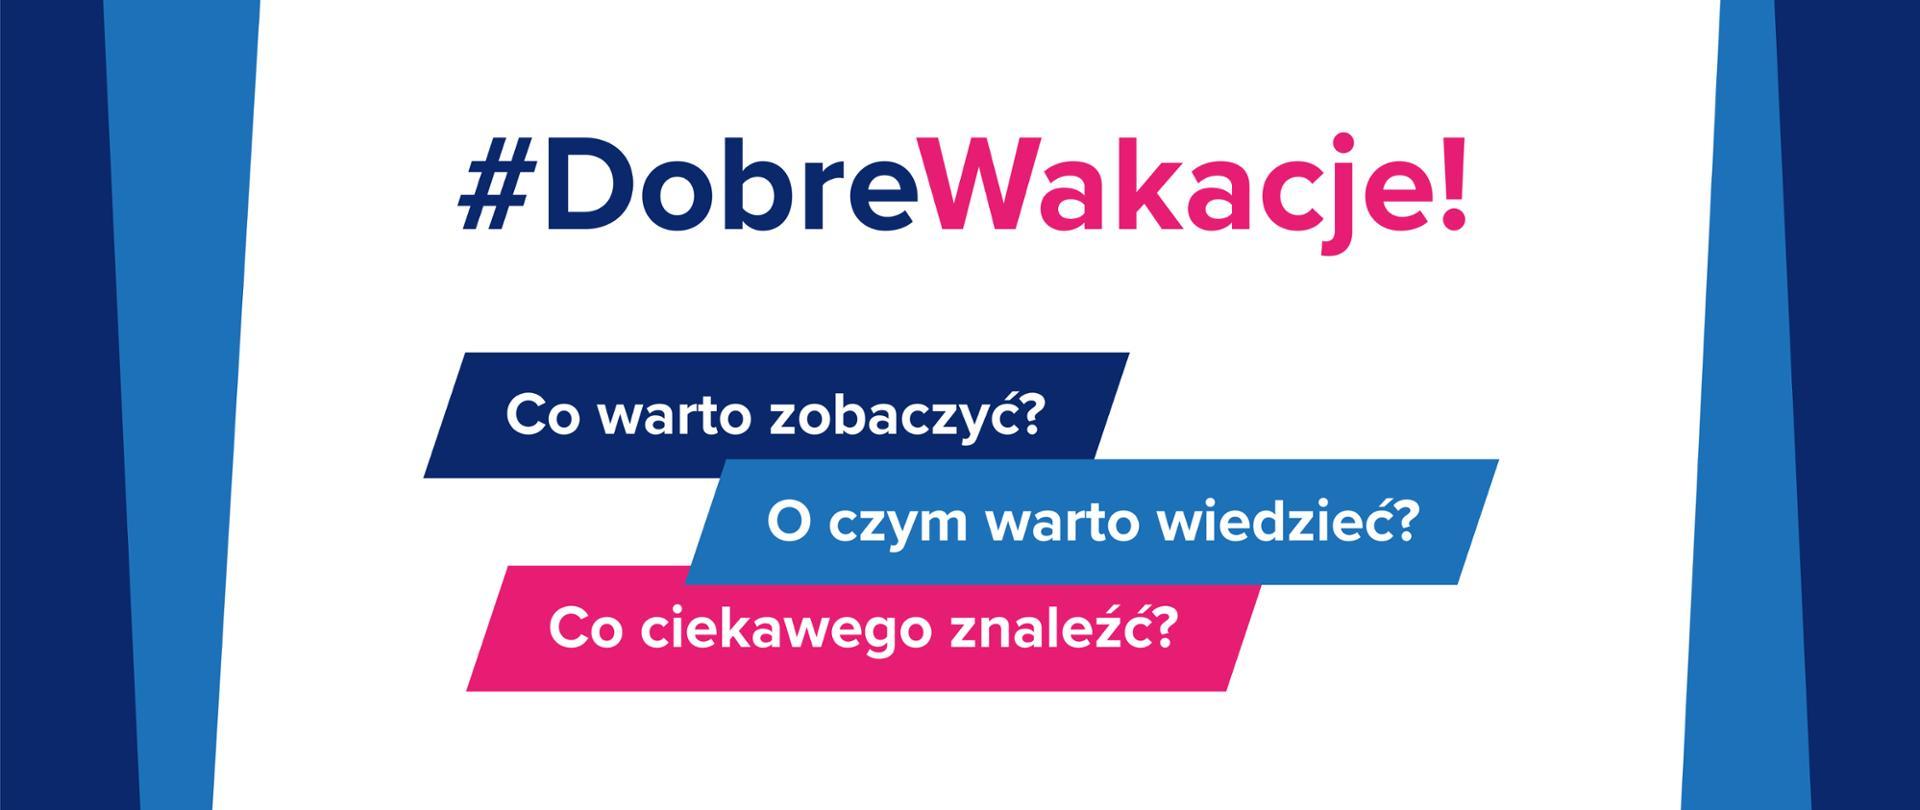 """Grafika promująca akcję MEN """"#DobreWakacje!"""" Naobrazku tekst """"#DobreWakacje! Co warto zobaczyć? Oczym warto wiedzieć? Co ciekawego znaleźć?"""""""